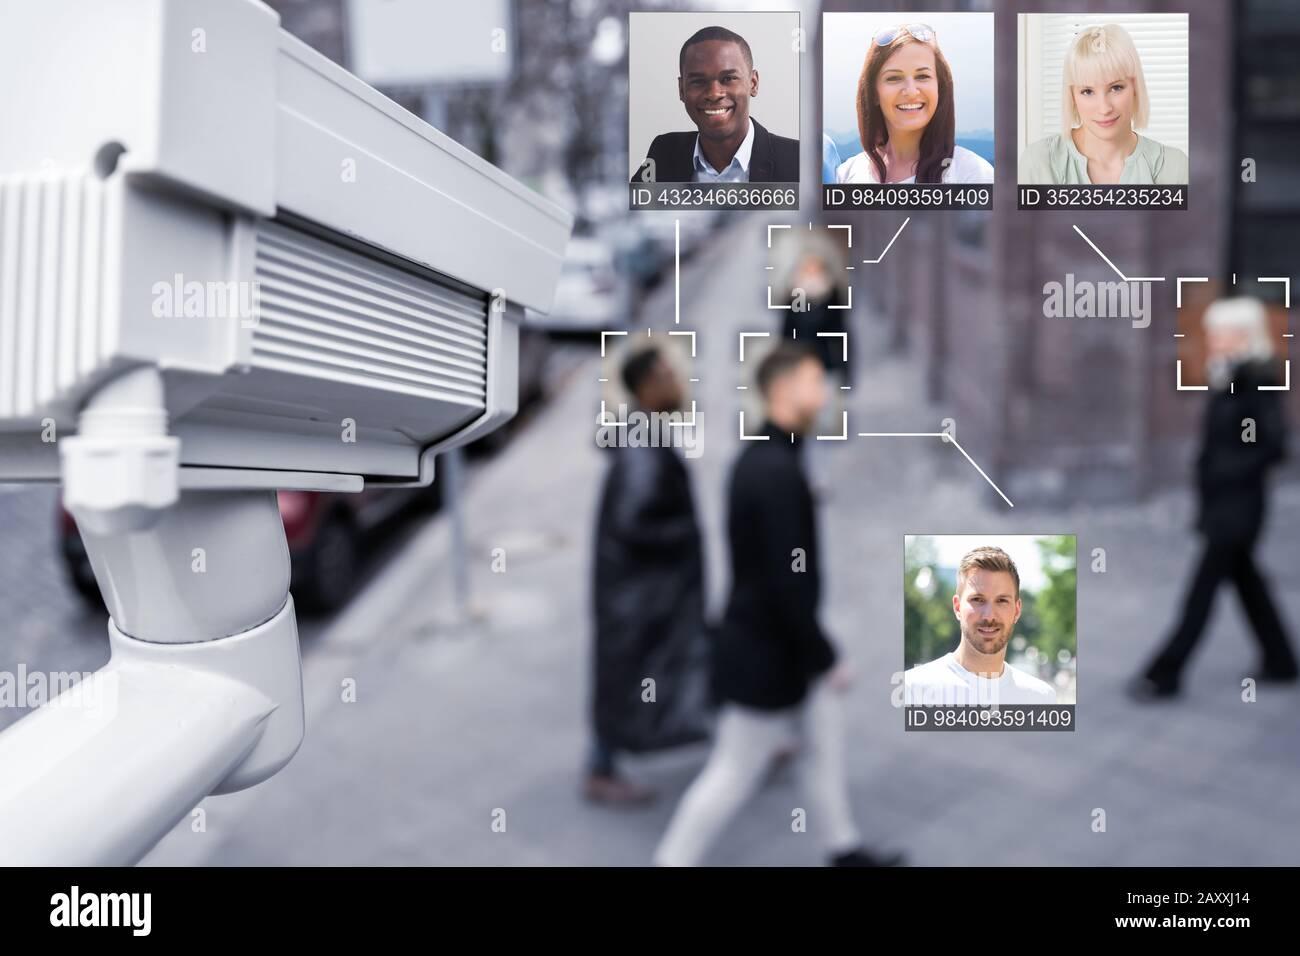 Retrato de un joven empresario reconoció la cara con precisión con el sistema de aprendizaje intelectual Foto de stock